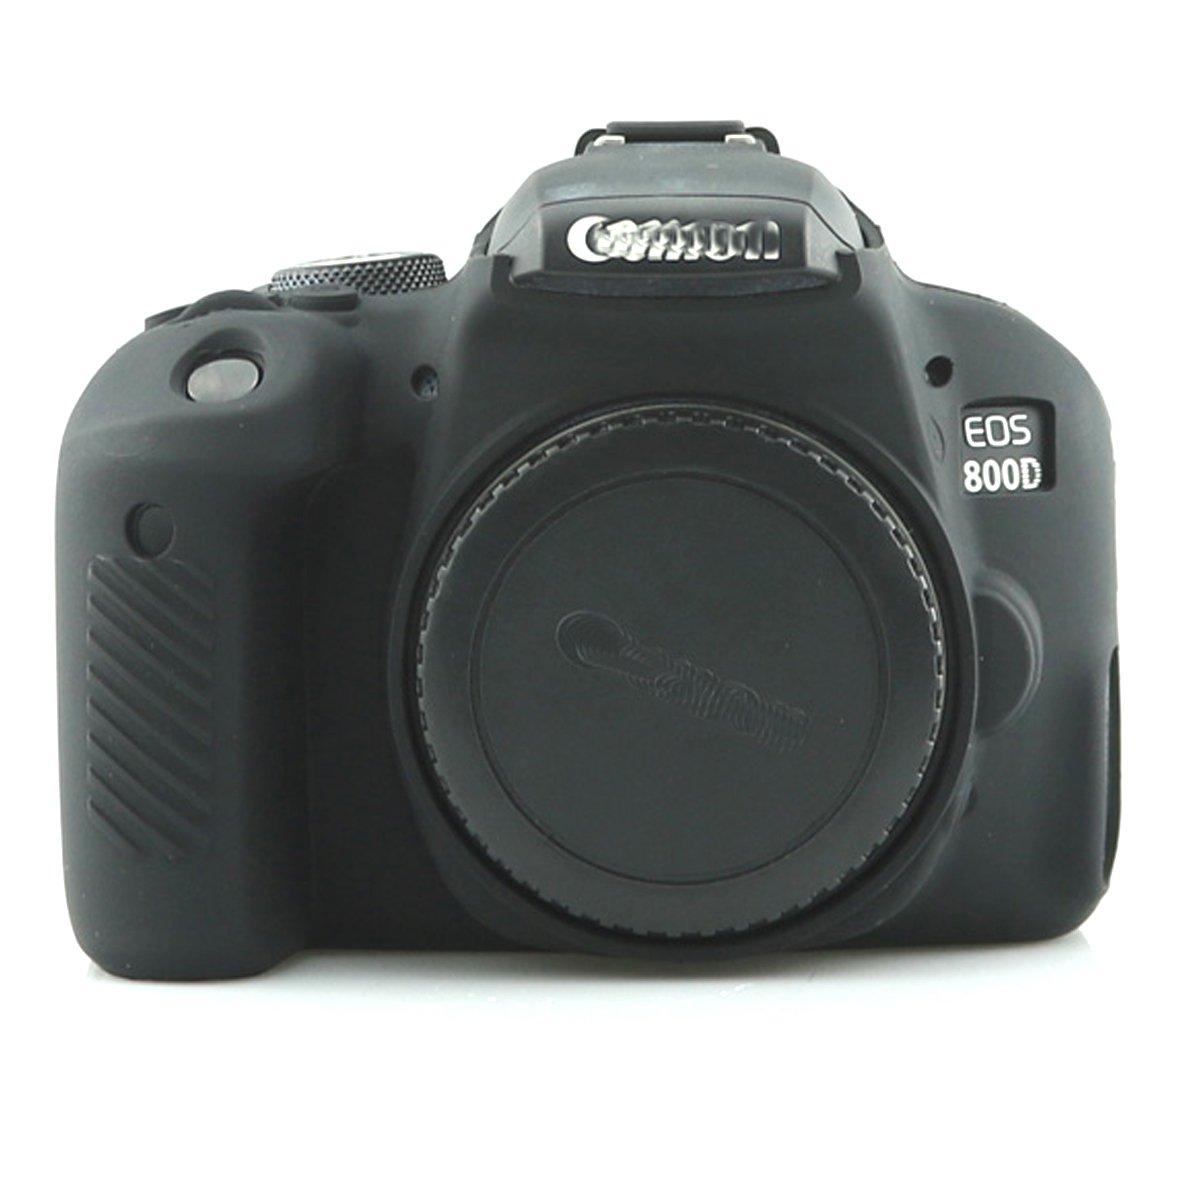 プロフェッショナル安全シリコンゲルゴムカメラケースバッグハウジングボディスキンfor Canon EOS 800d Rebel t7iデジタルSLRカメラ保護ケース  ブラック B07BGHH566